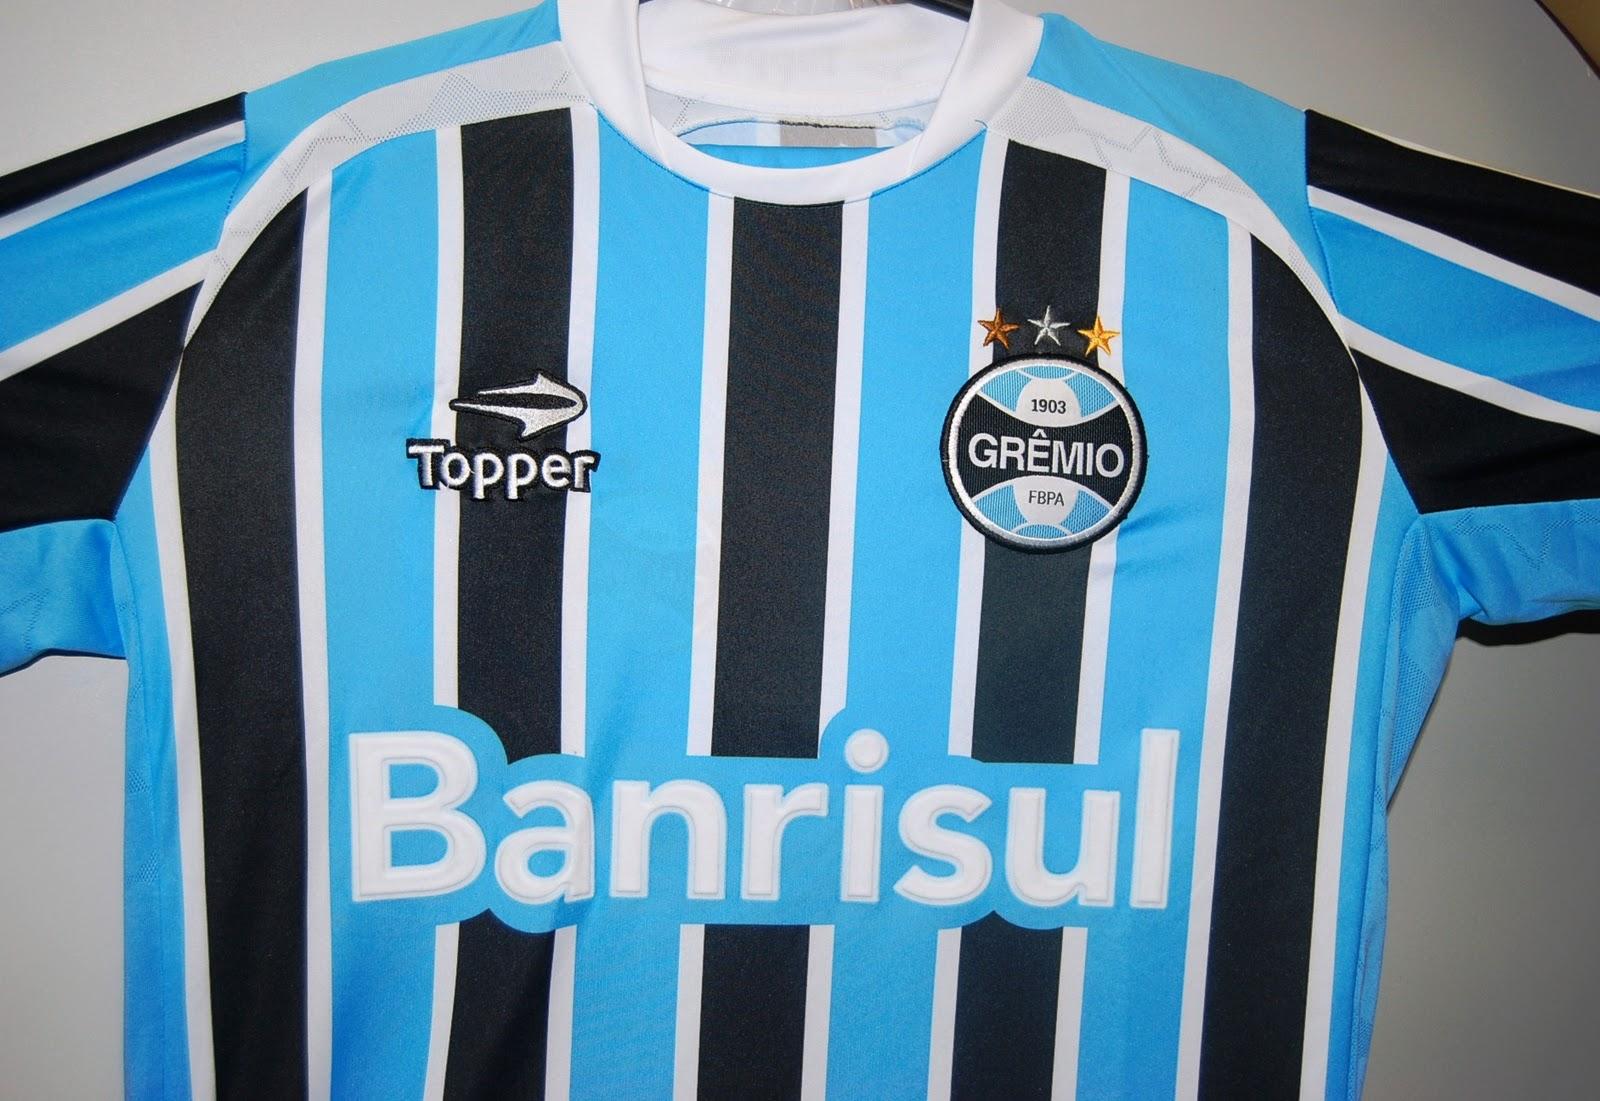 7c8fc327ef Acompanhe ao vivo o lançamento da camisa do Grêmio fabricadas pela Topper